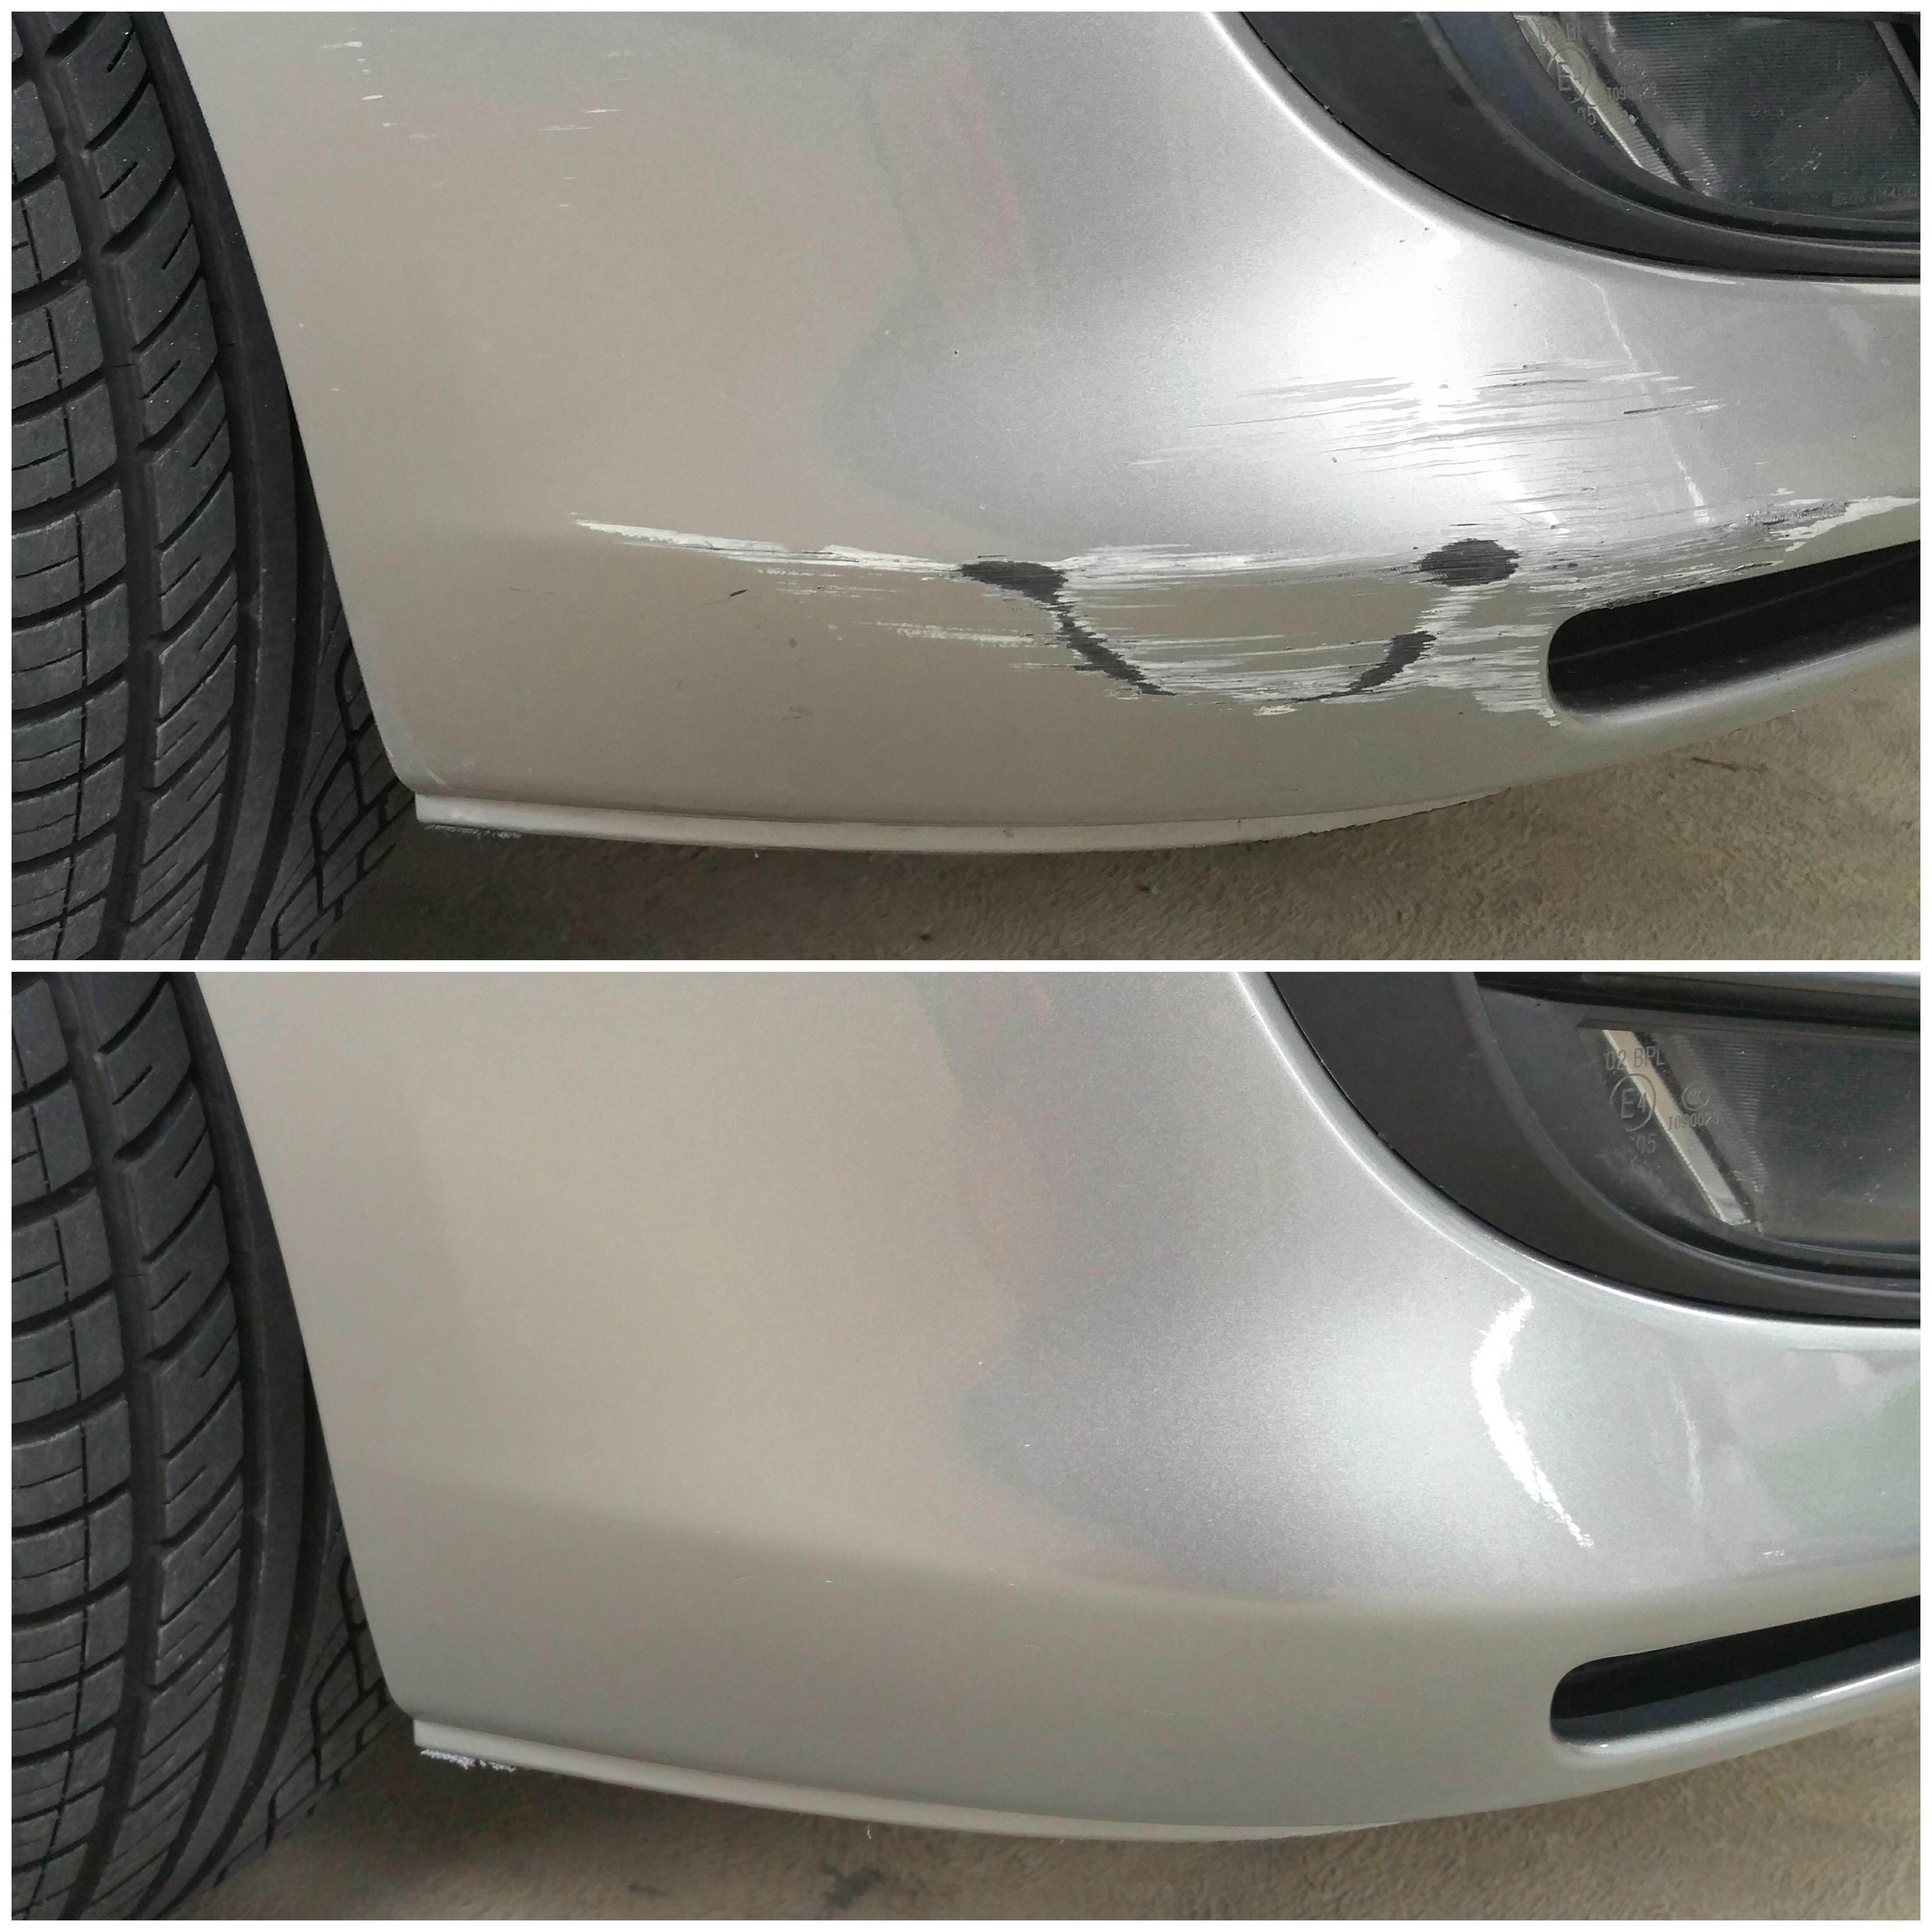 Mobile scratch and bumper repairs